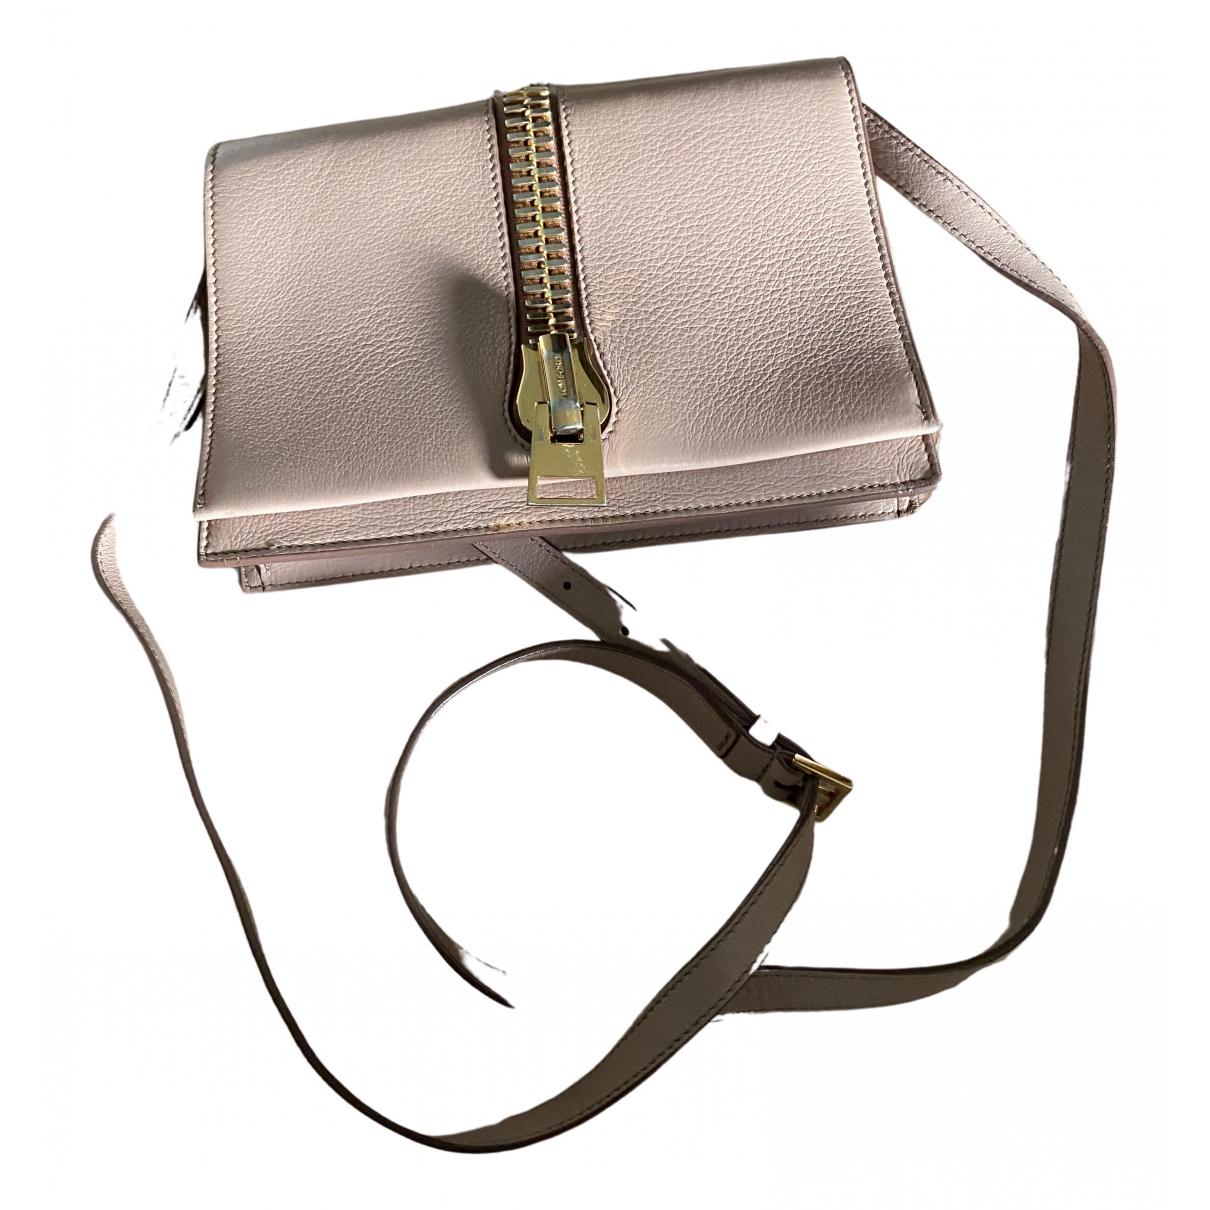 Tom Ford \N Leather handbag for Women \N